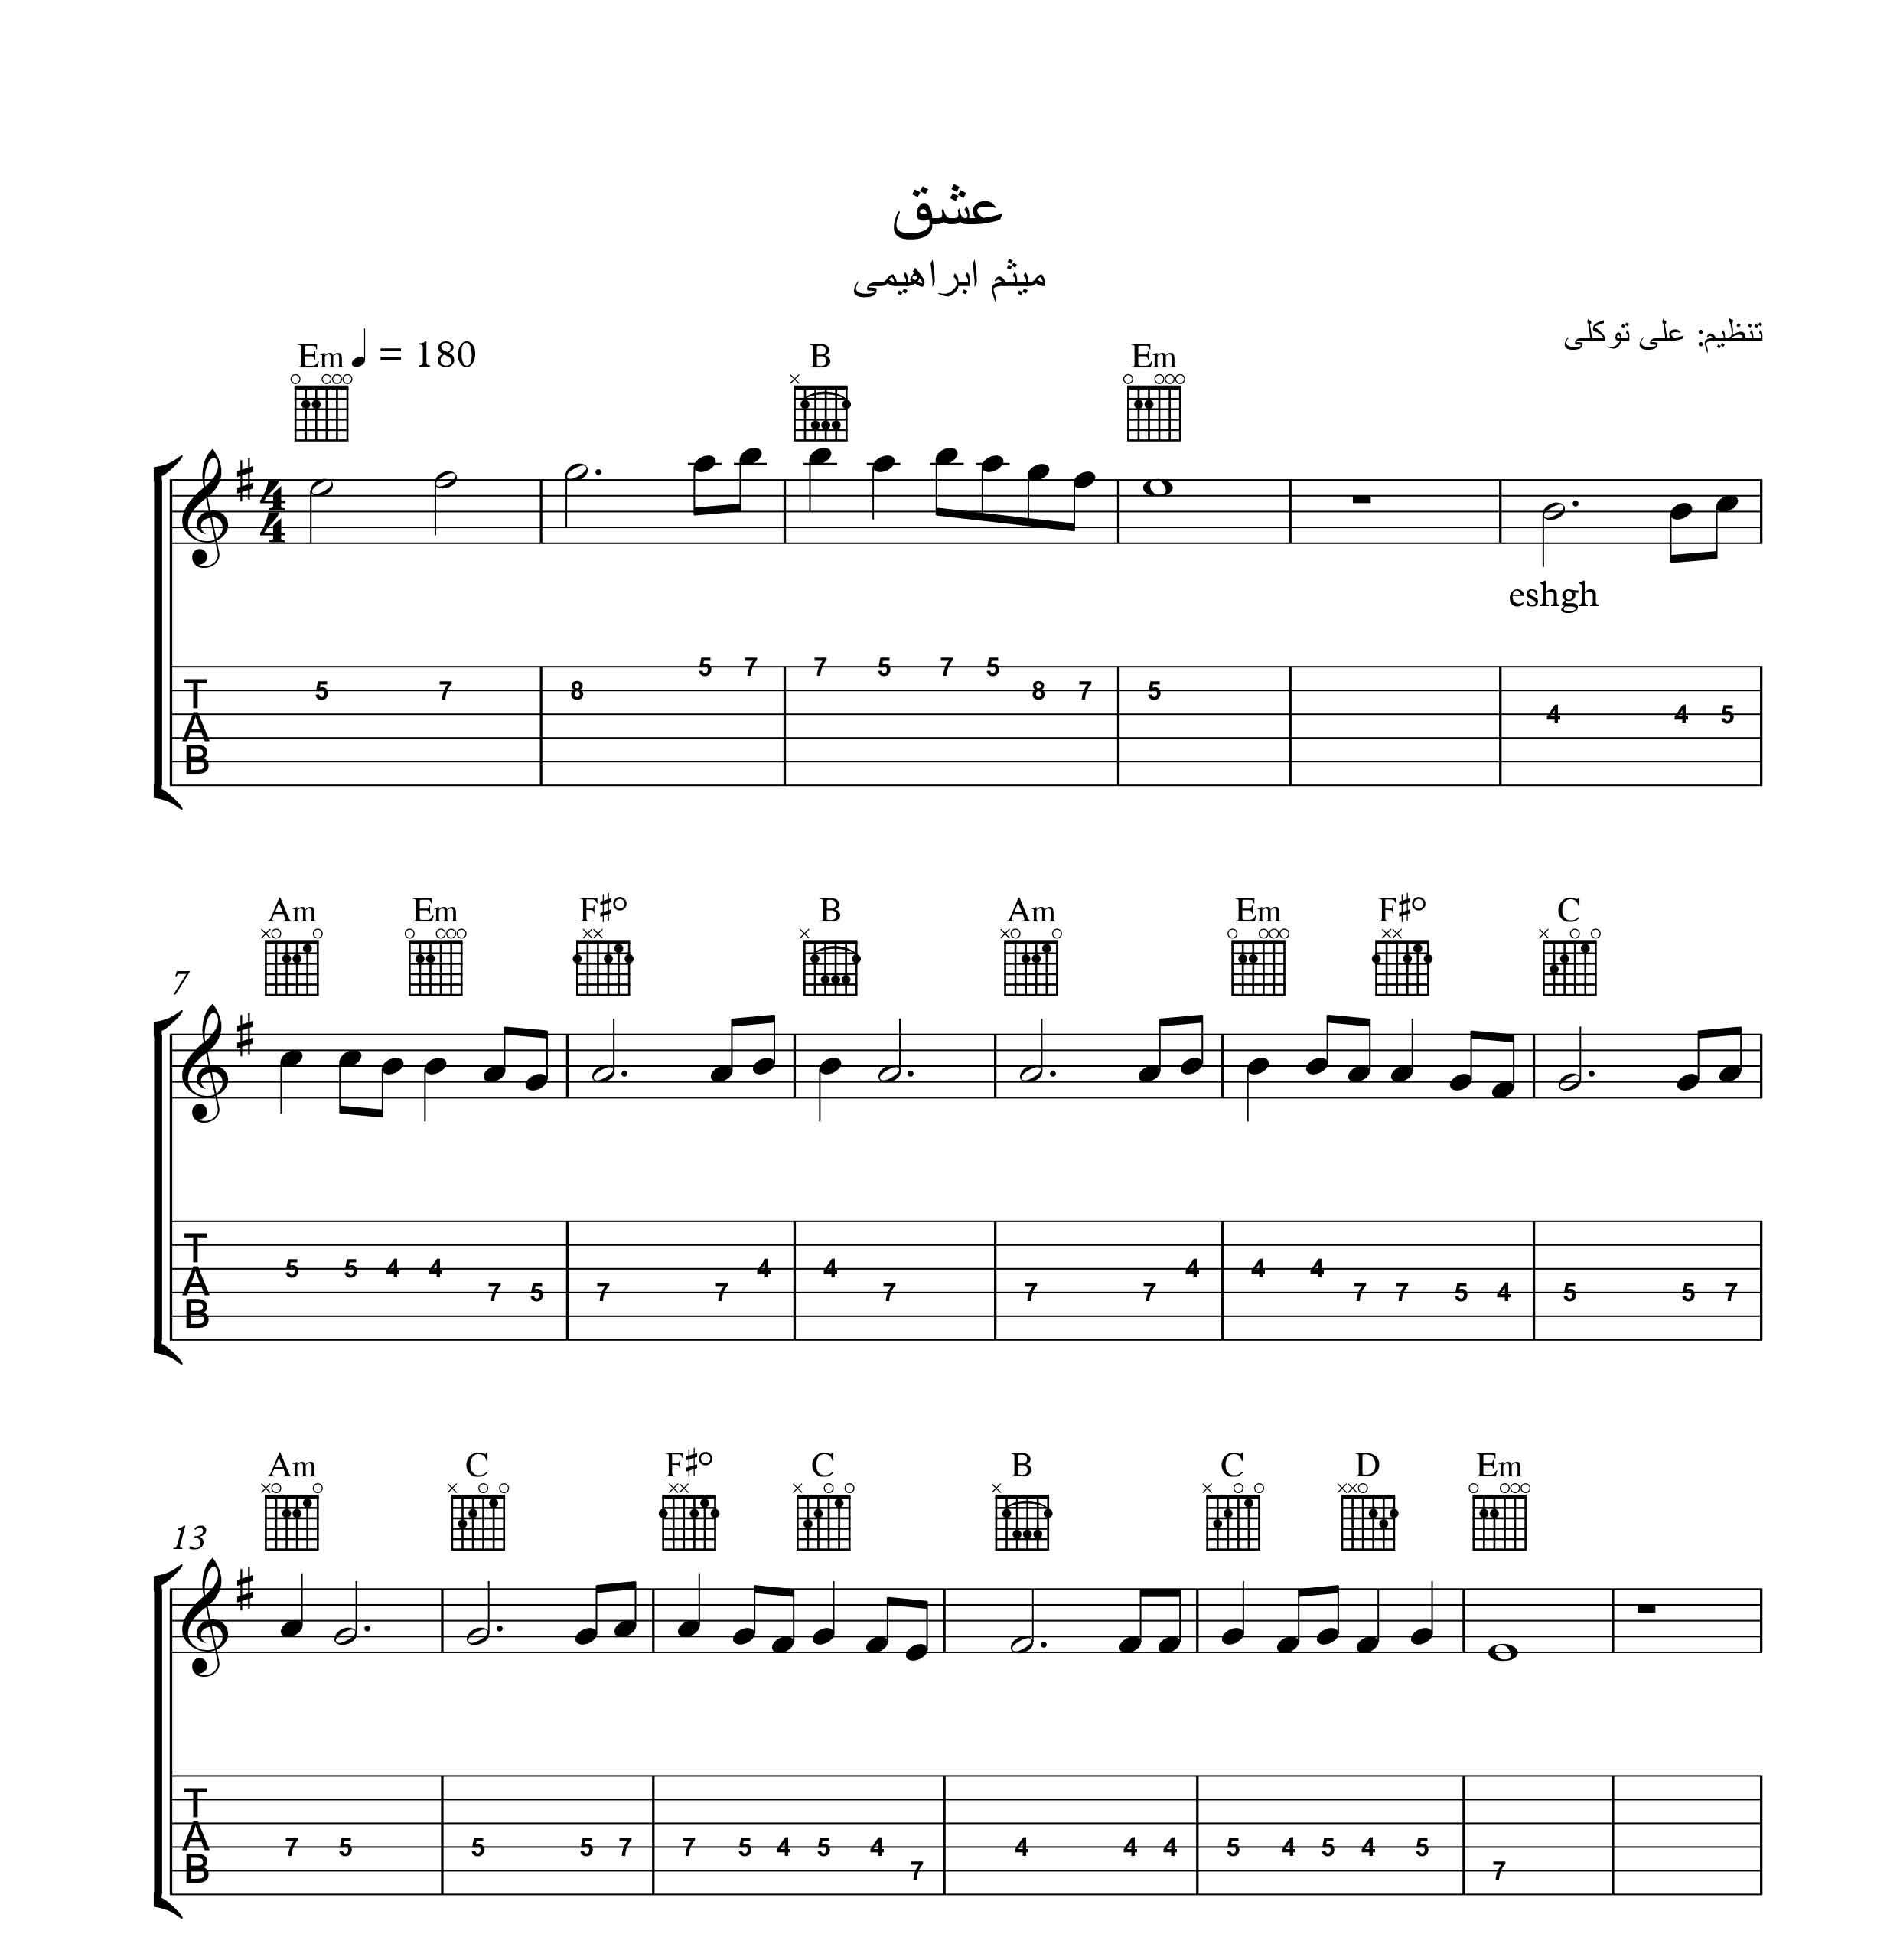 نت و تبلچر گیتار آهنگ عشق از میثم ابراهیمی به همراه آکورد